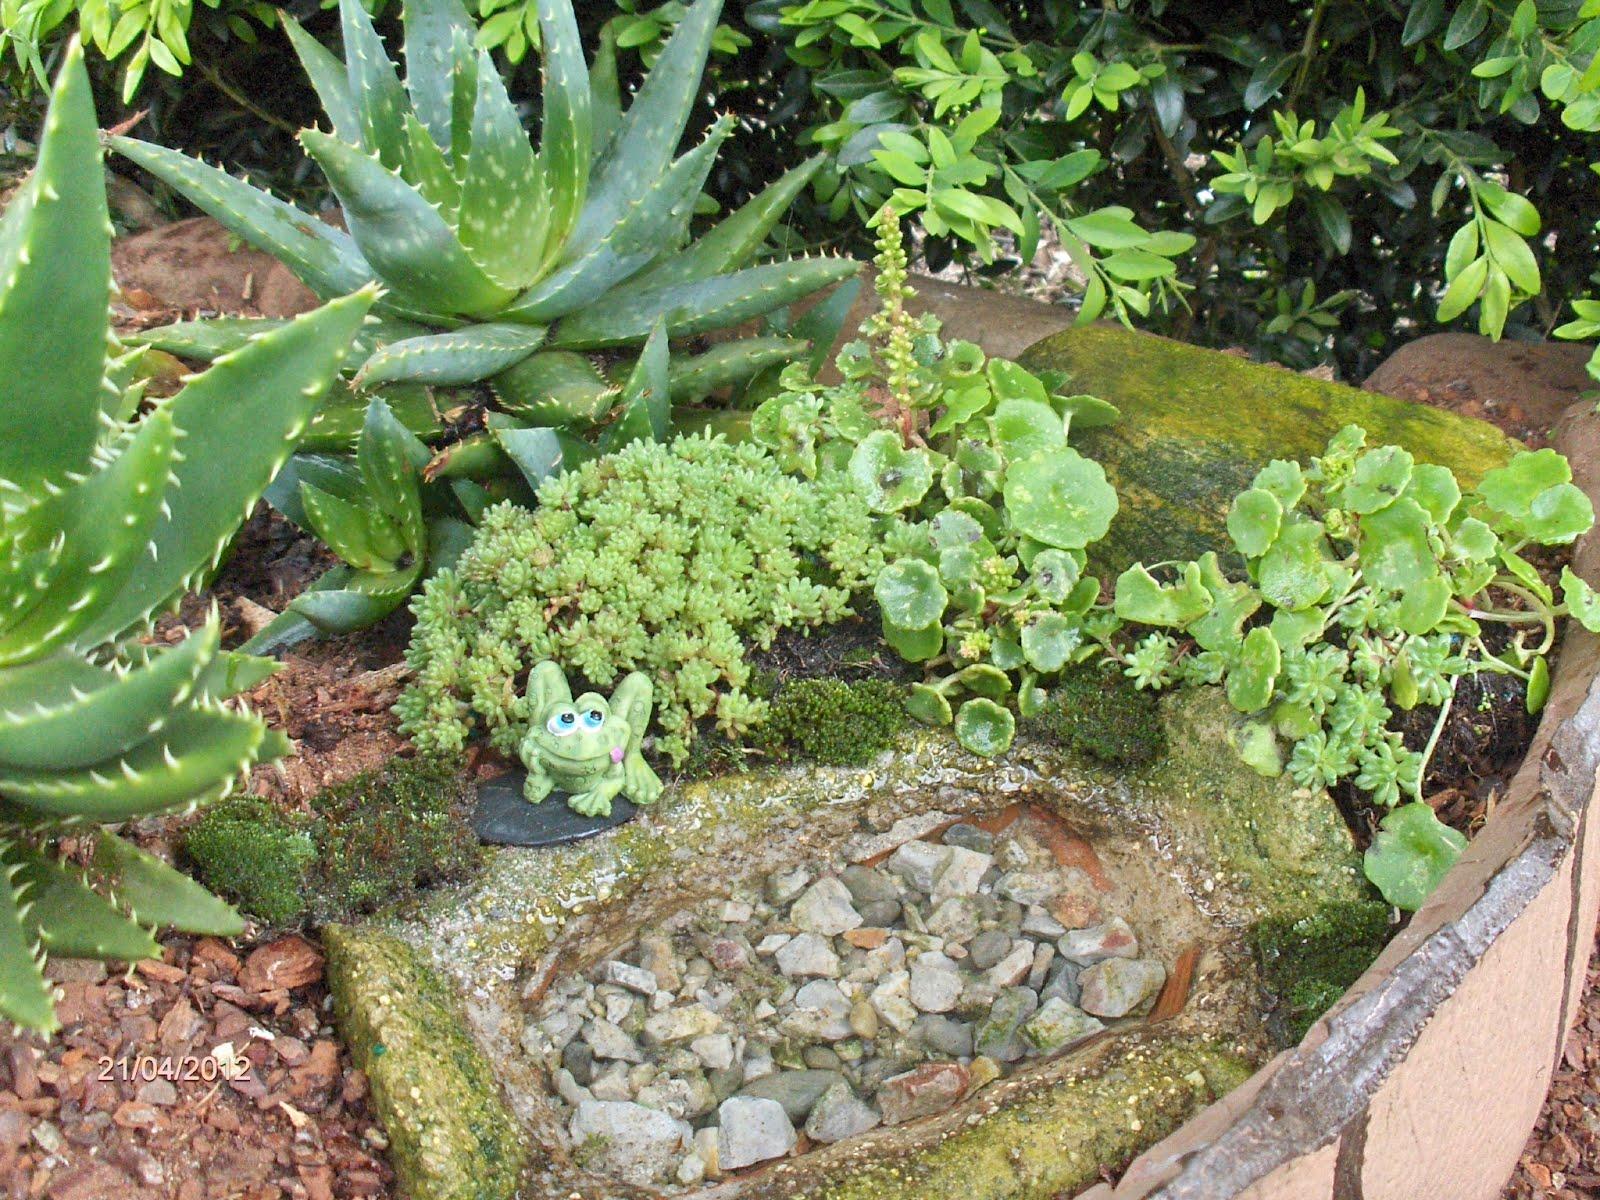 Jardines de invierno decoracion for Decoracion de interiores jardines de invierno